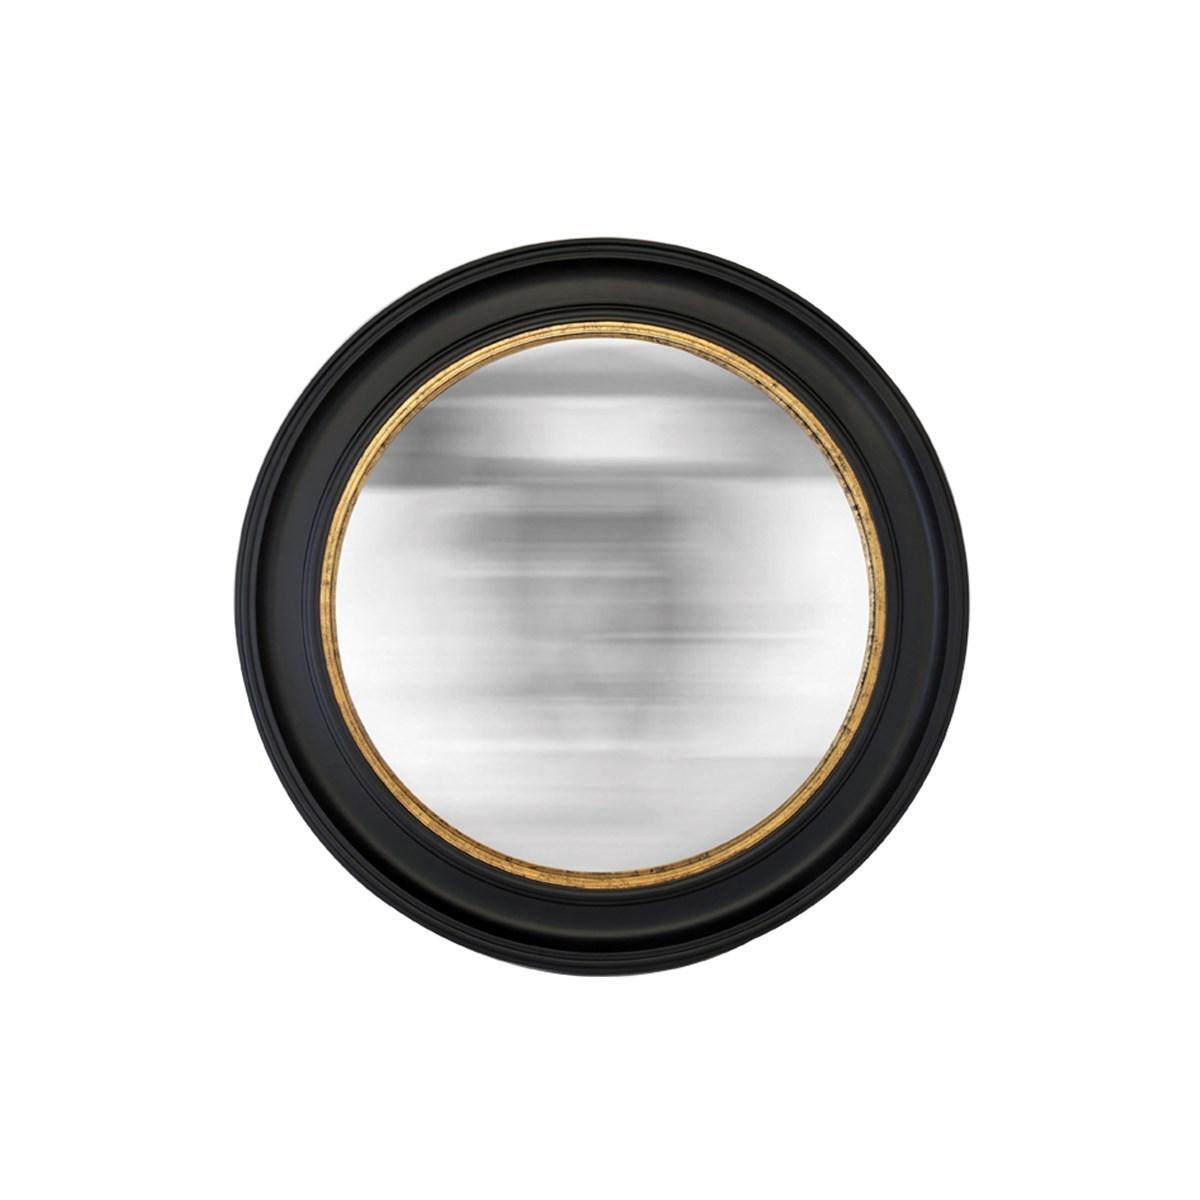 Miroir rond noir convexe en résine D: 100 cm